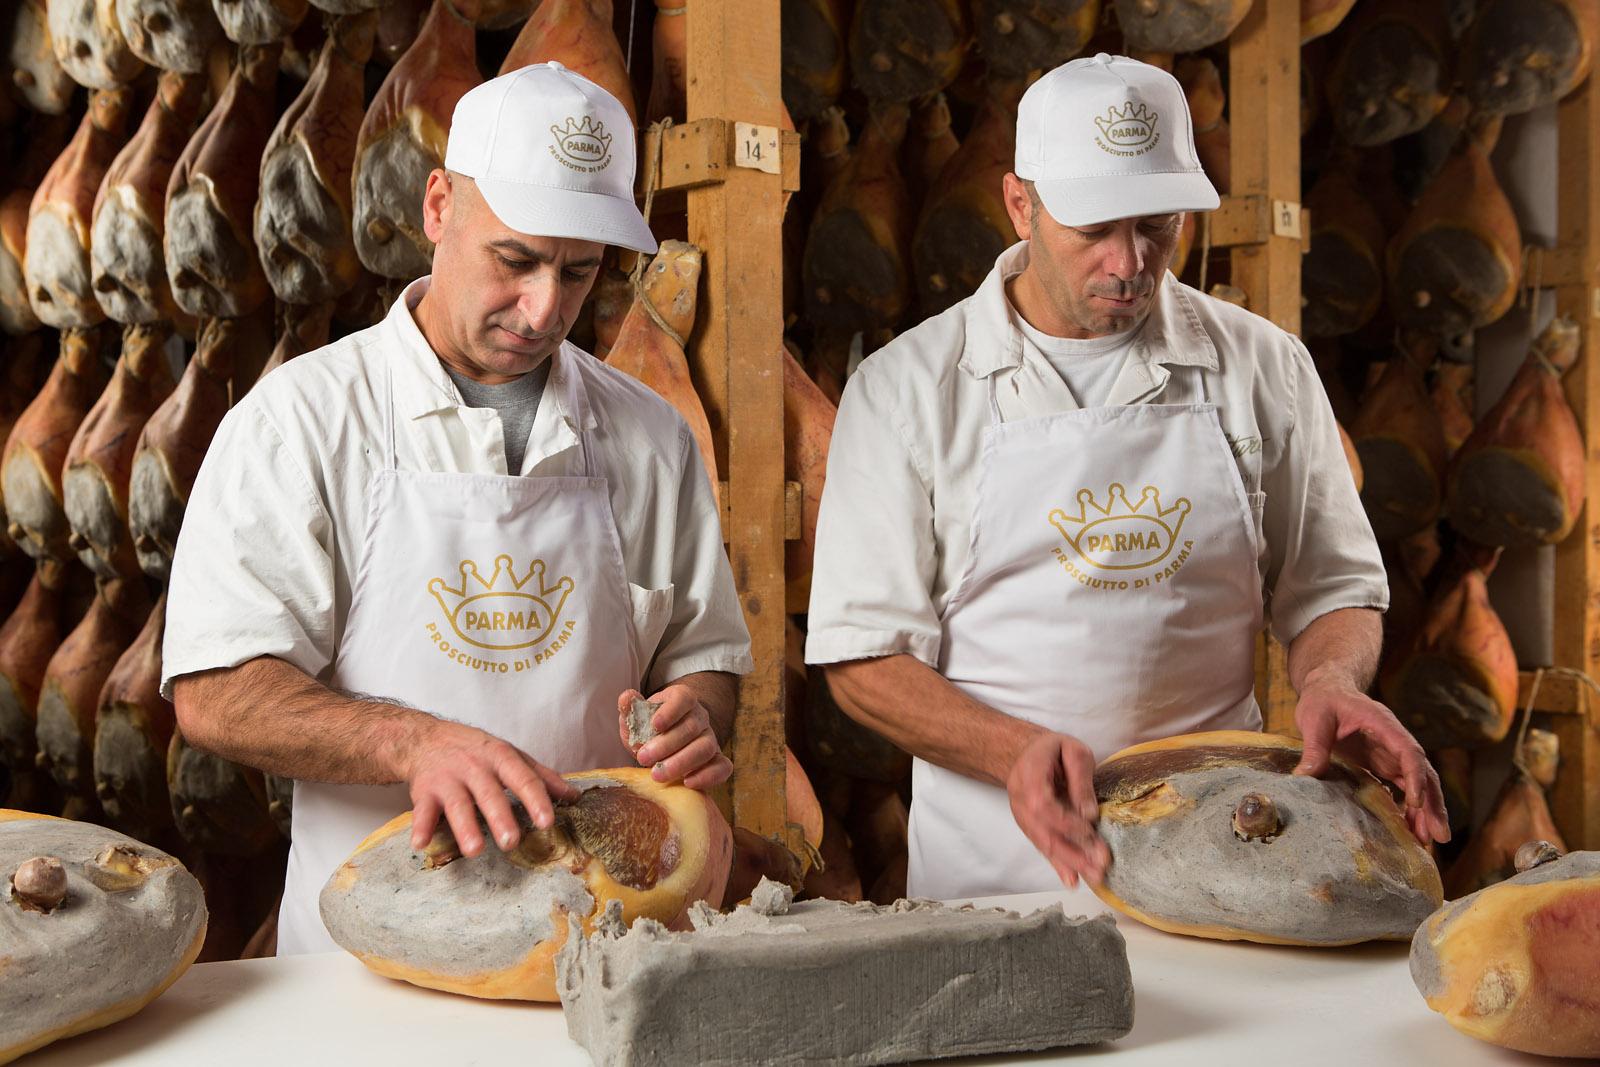 Parma- helyi termelők portékái